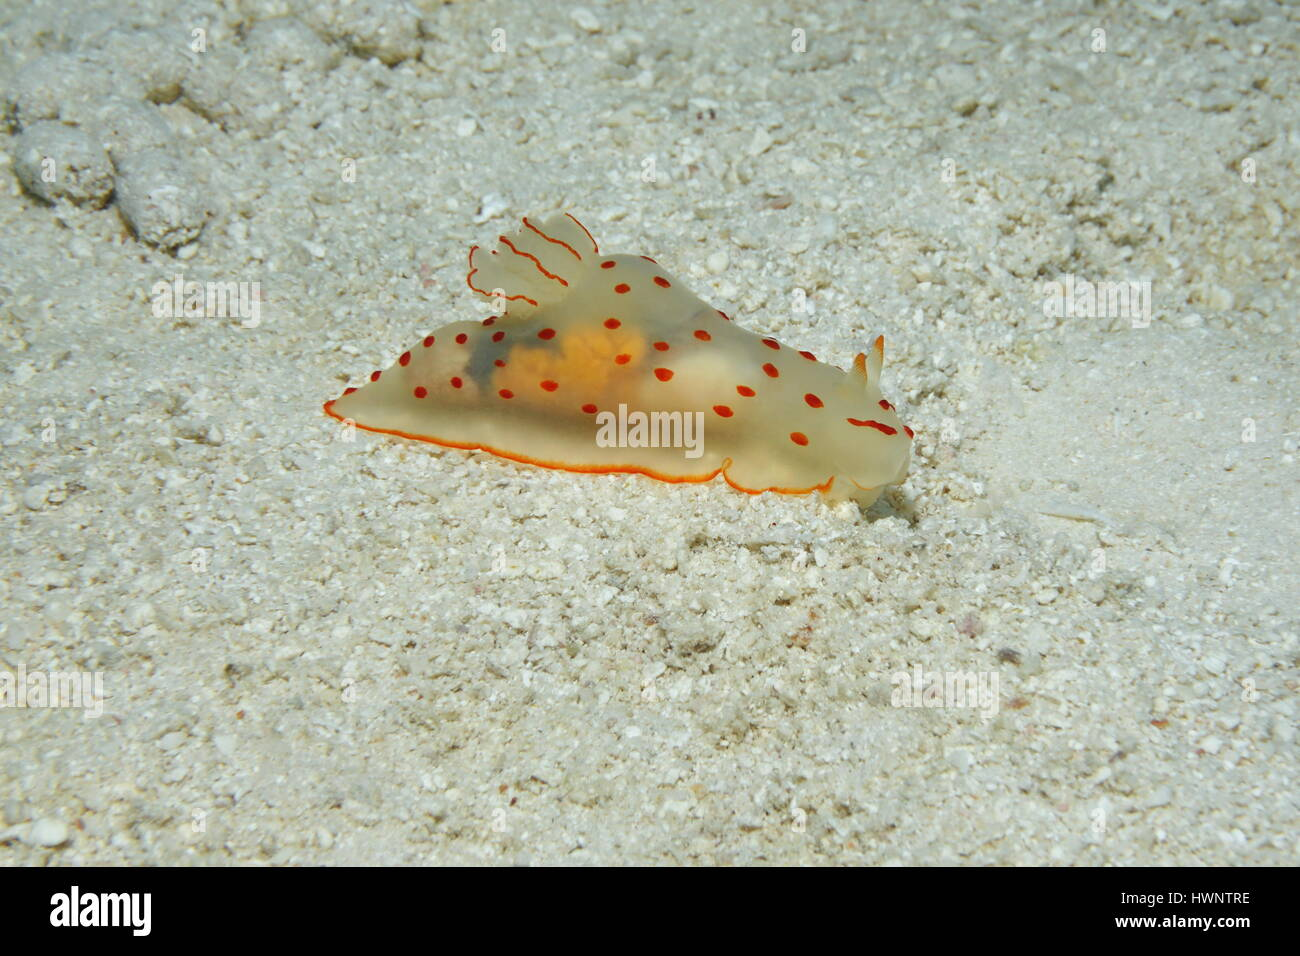 Sea slug con corpo traslucido, Gymnodoris ceylonica, subacquea su un fondale sabbioso nella laguna di Bora Bora, Immagini Stock